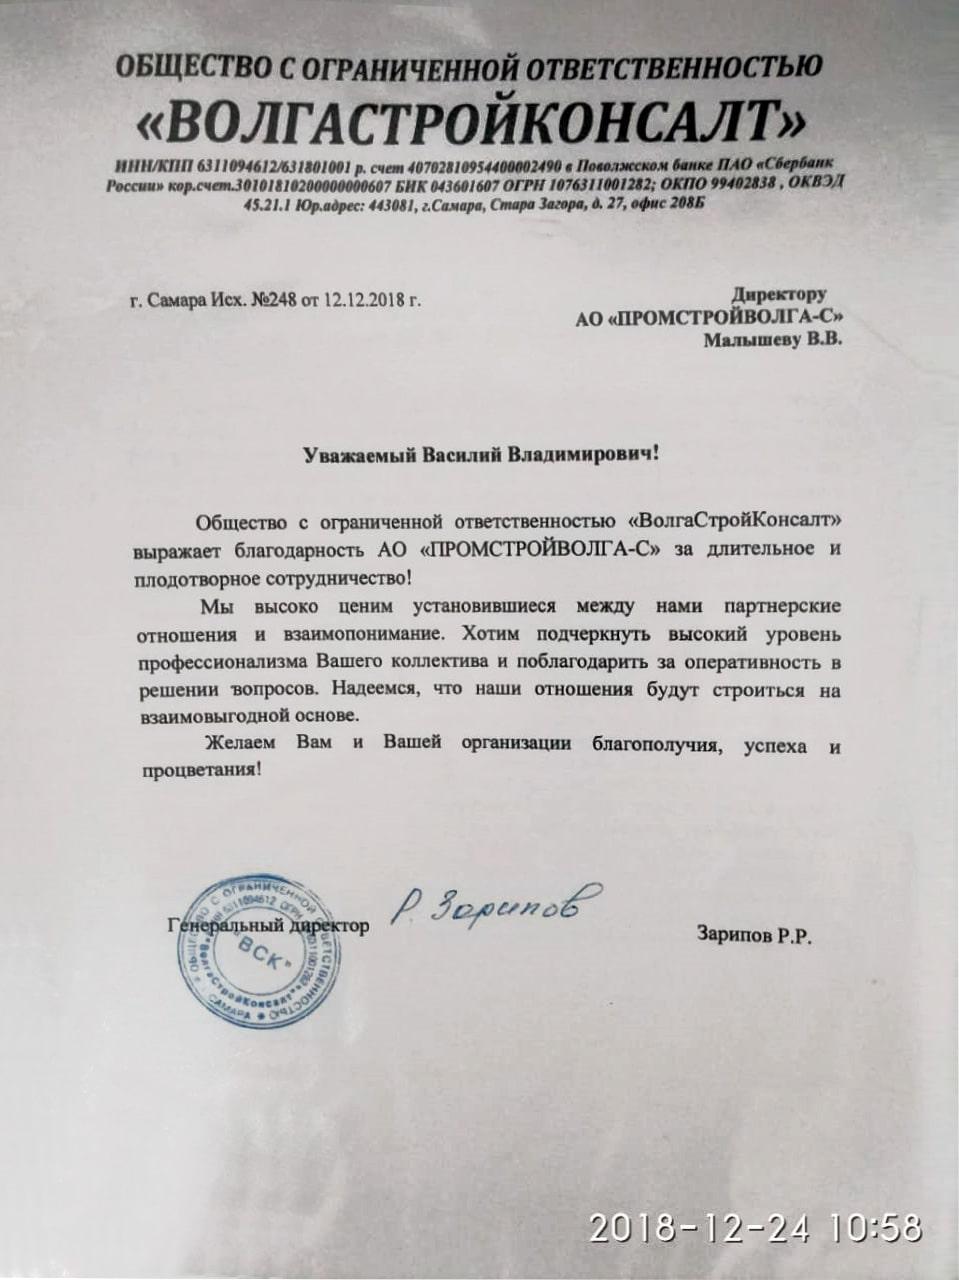 Отзыв на балку и продукцию ПСК от ВолгаСтройКонсалт